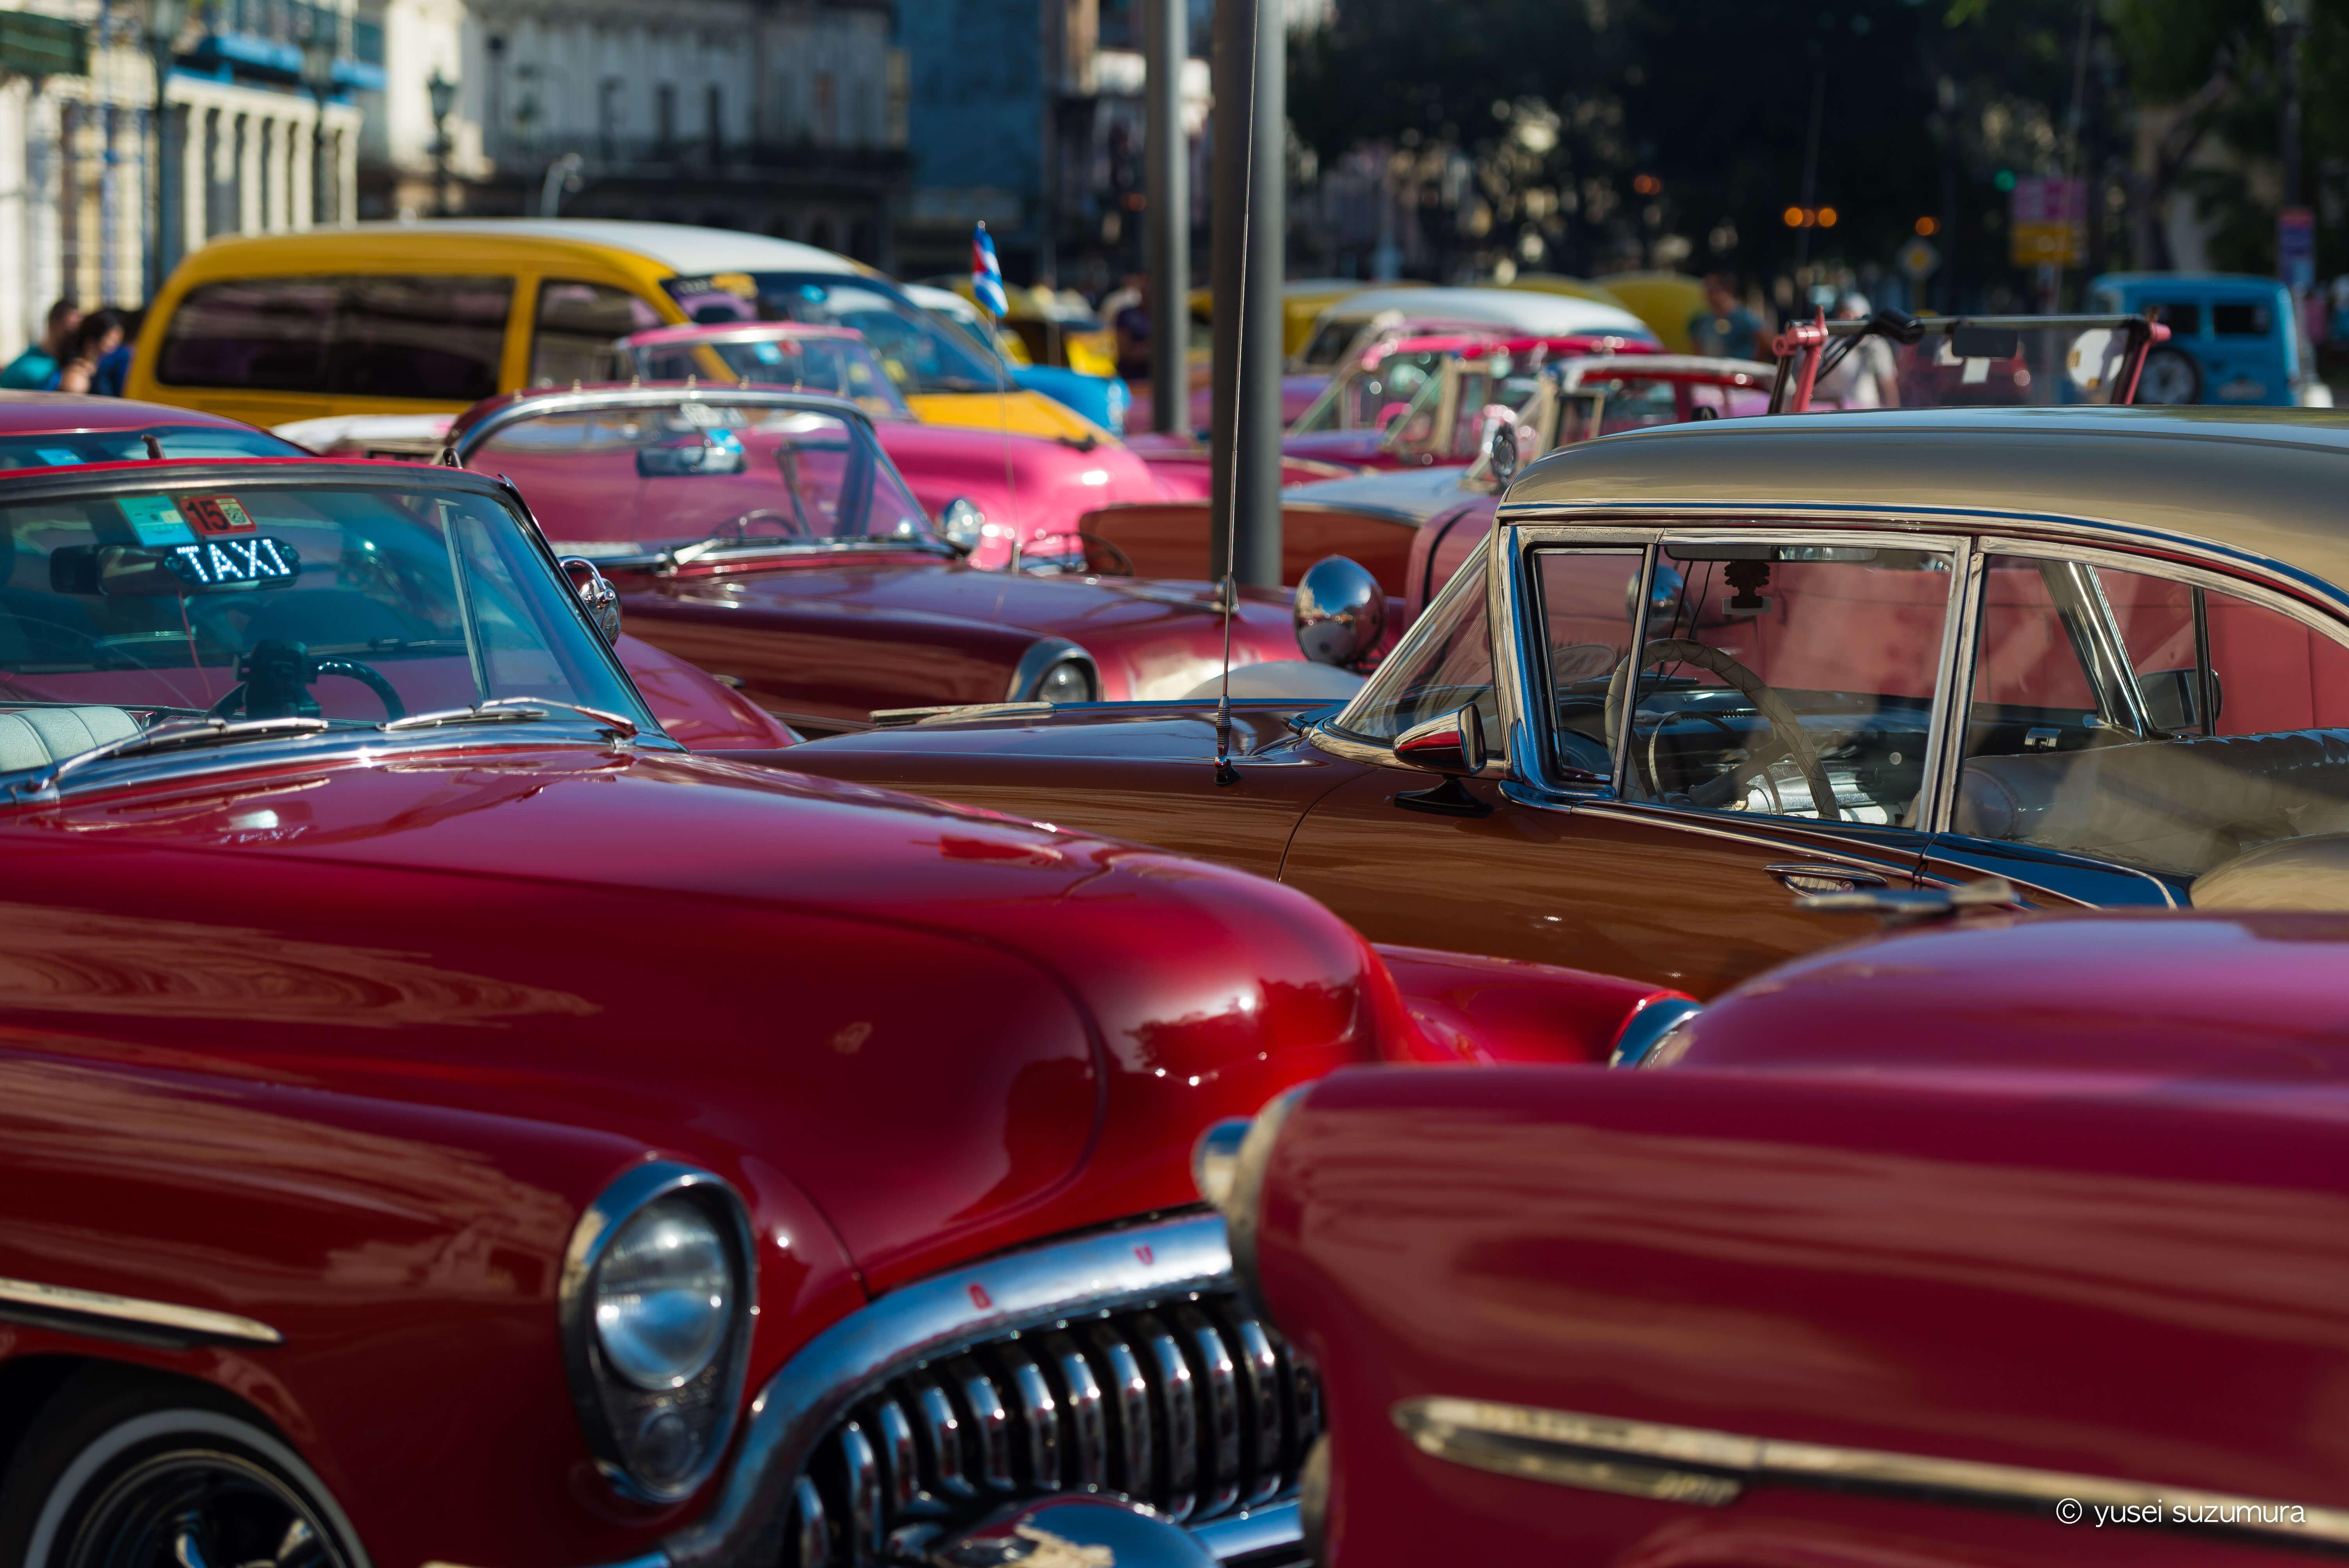 ハバナ観光!!ヘミングウェイのコヒマルとカバーニャ要塞の砲弾の儀式